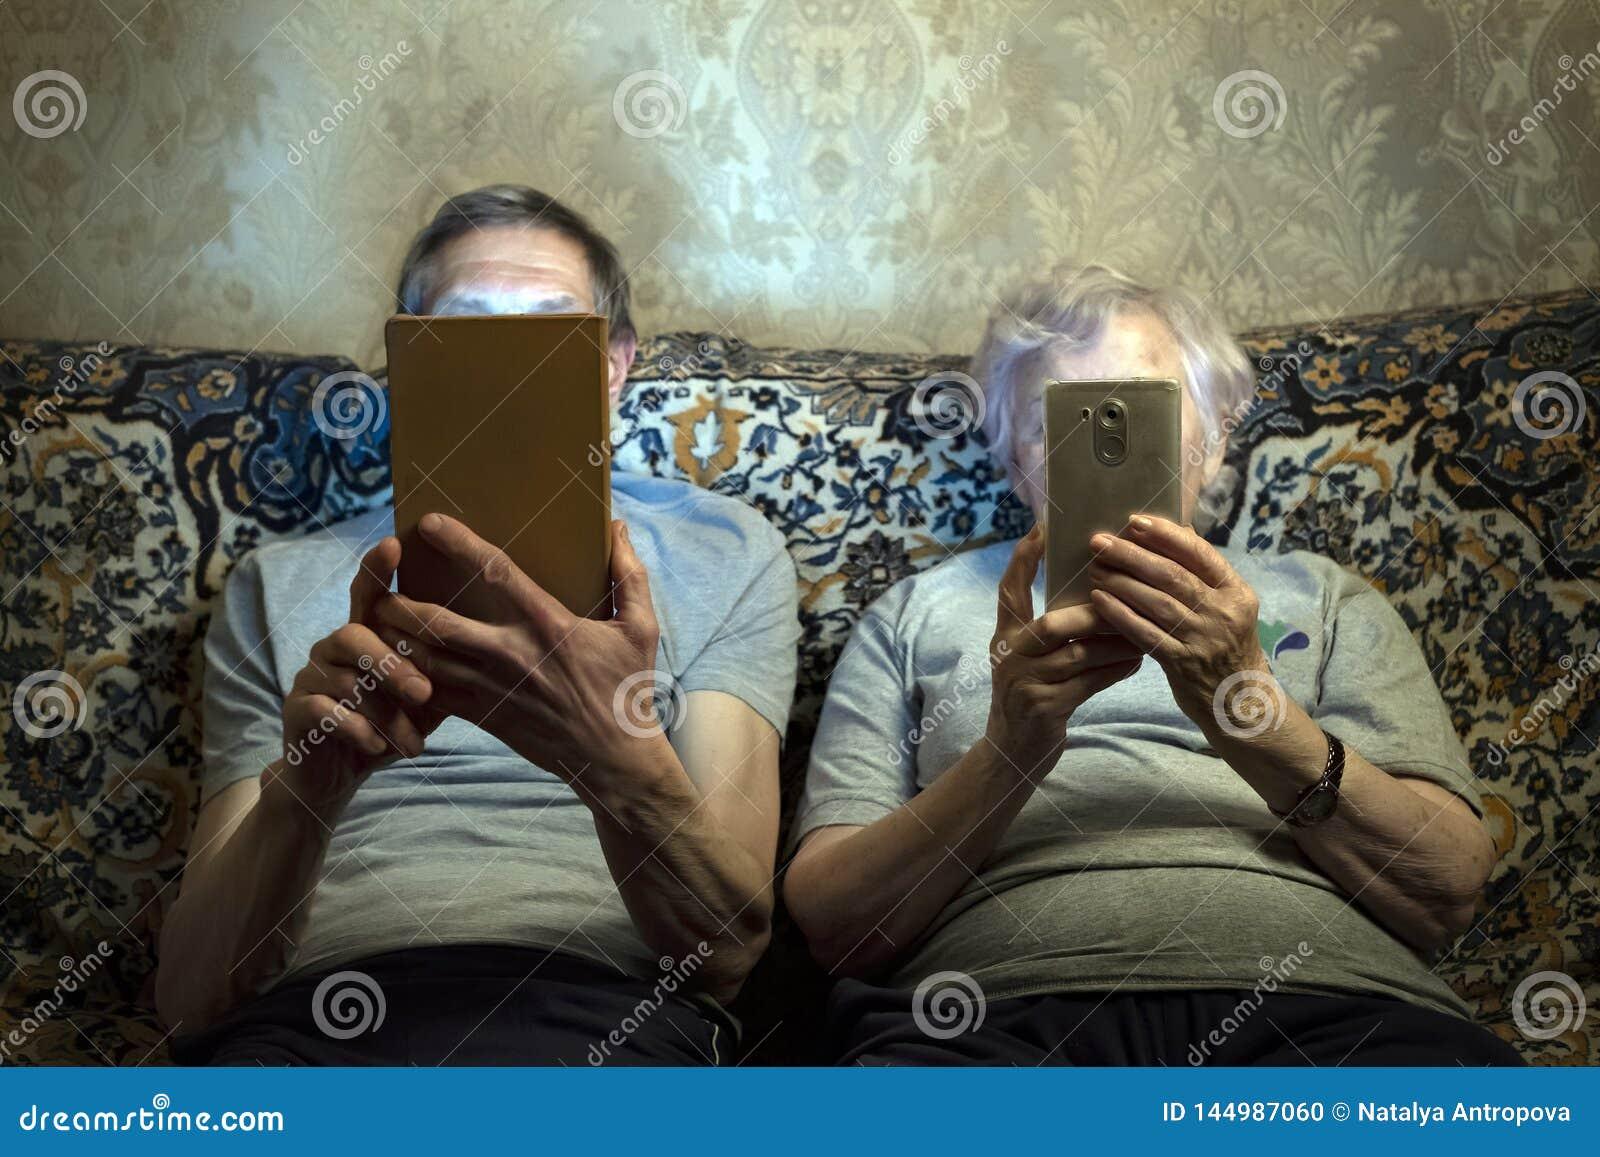 Пожилая пара сидеть на кресле с устройствами, взгляде на их закрывает